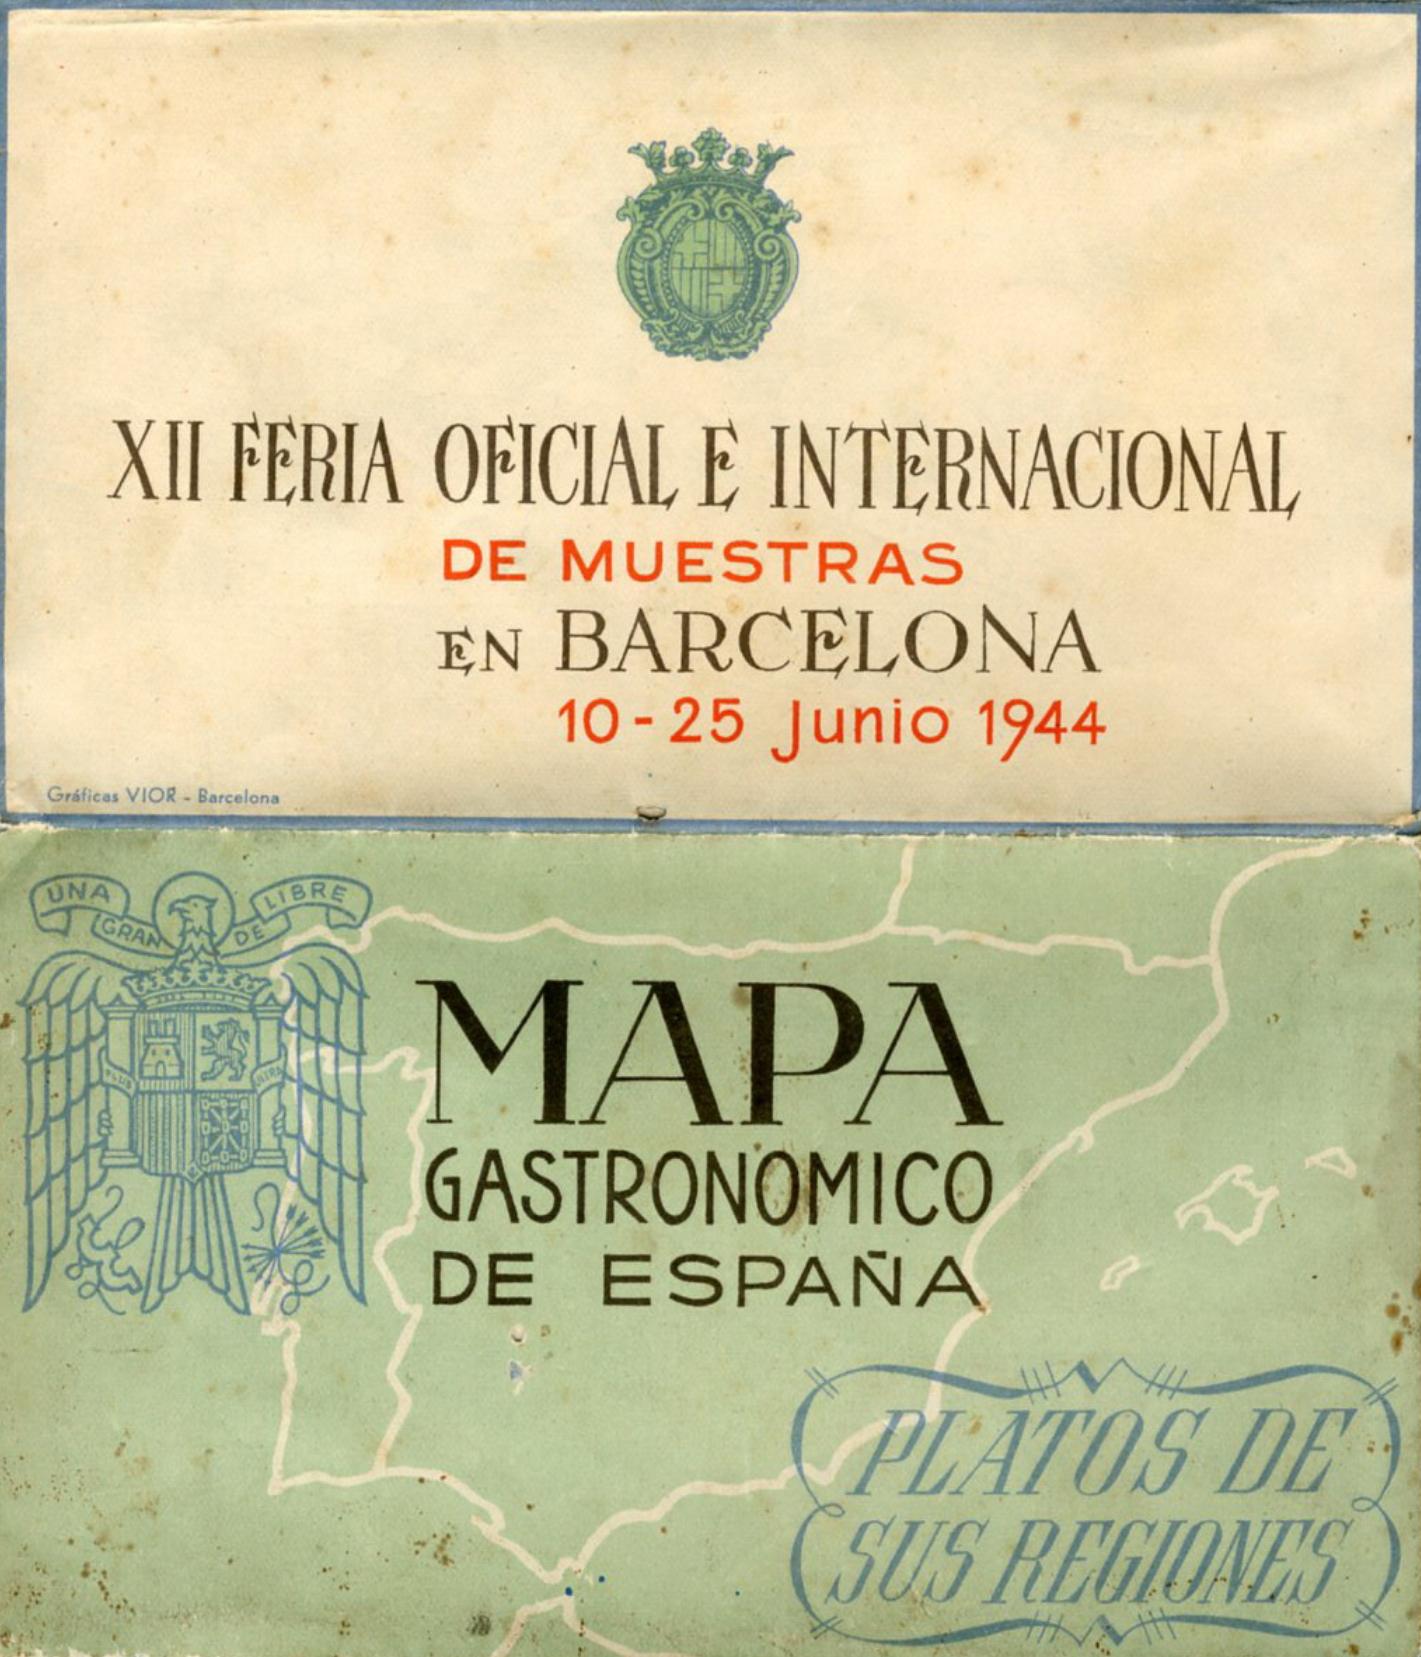 mapa gastronomico_title_1944 Feria